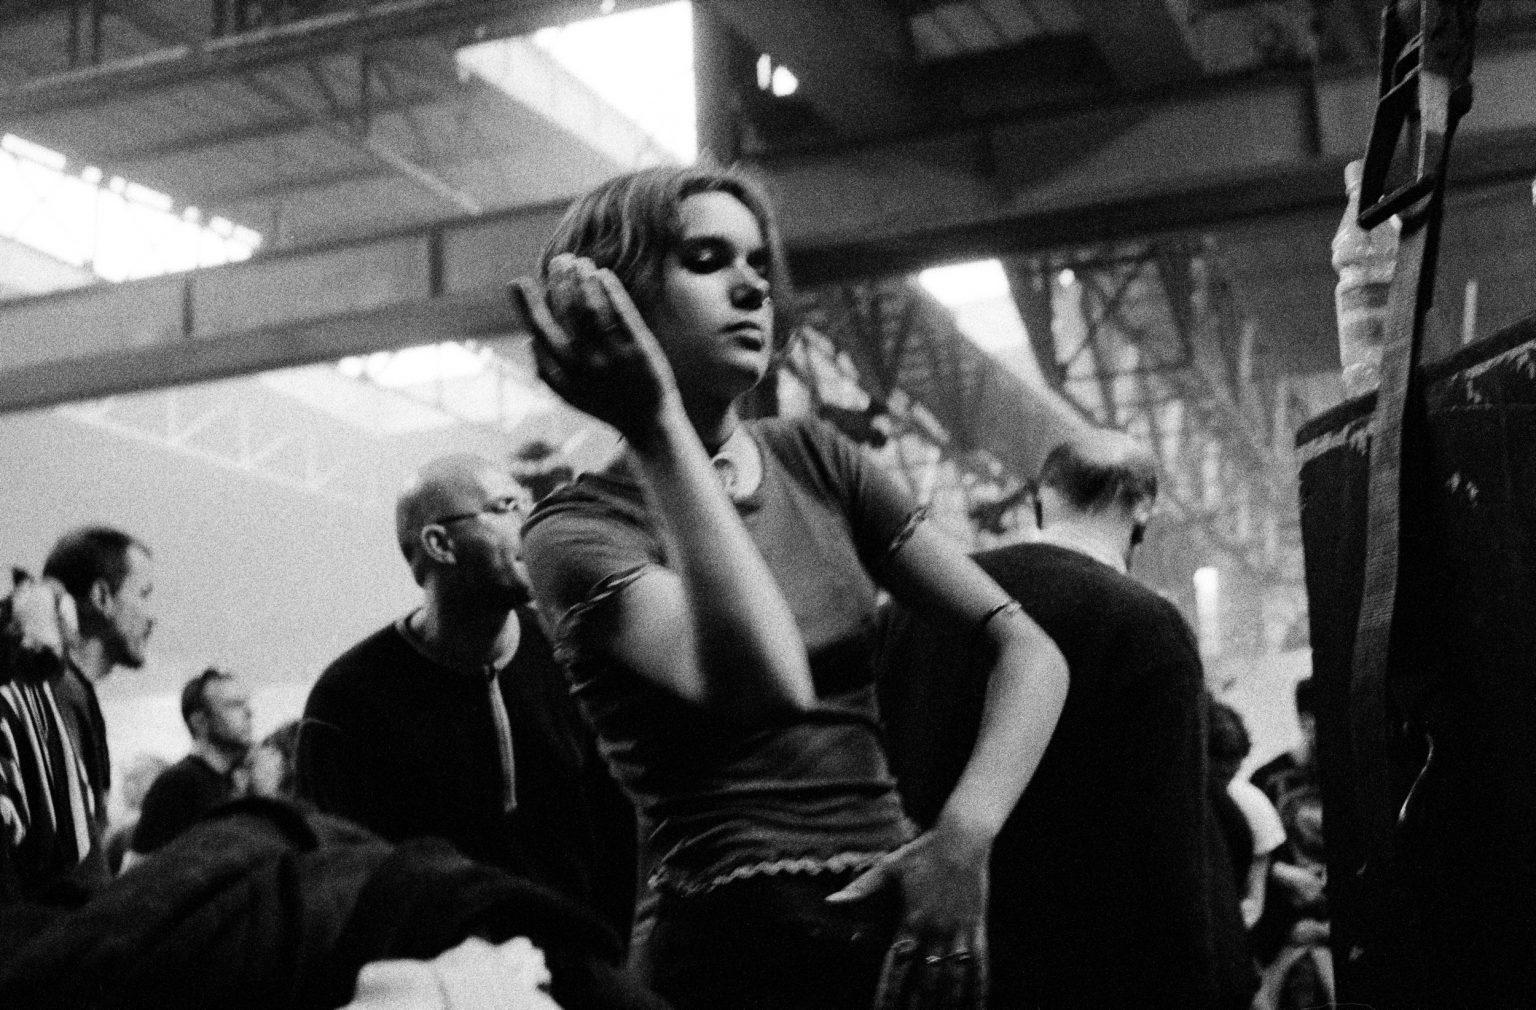 Bologna, 1997 - Girl Dancing at Centro Sociale Livello 57. >< Bologna, 1997 - Una ragazza balla al Centro Sociale 1997.